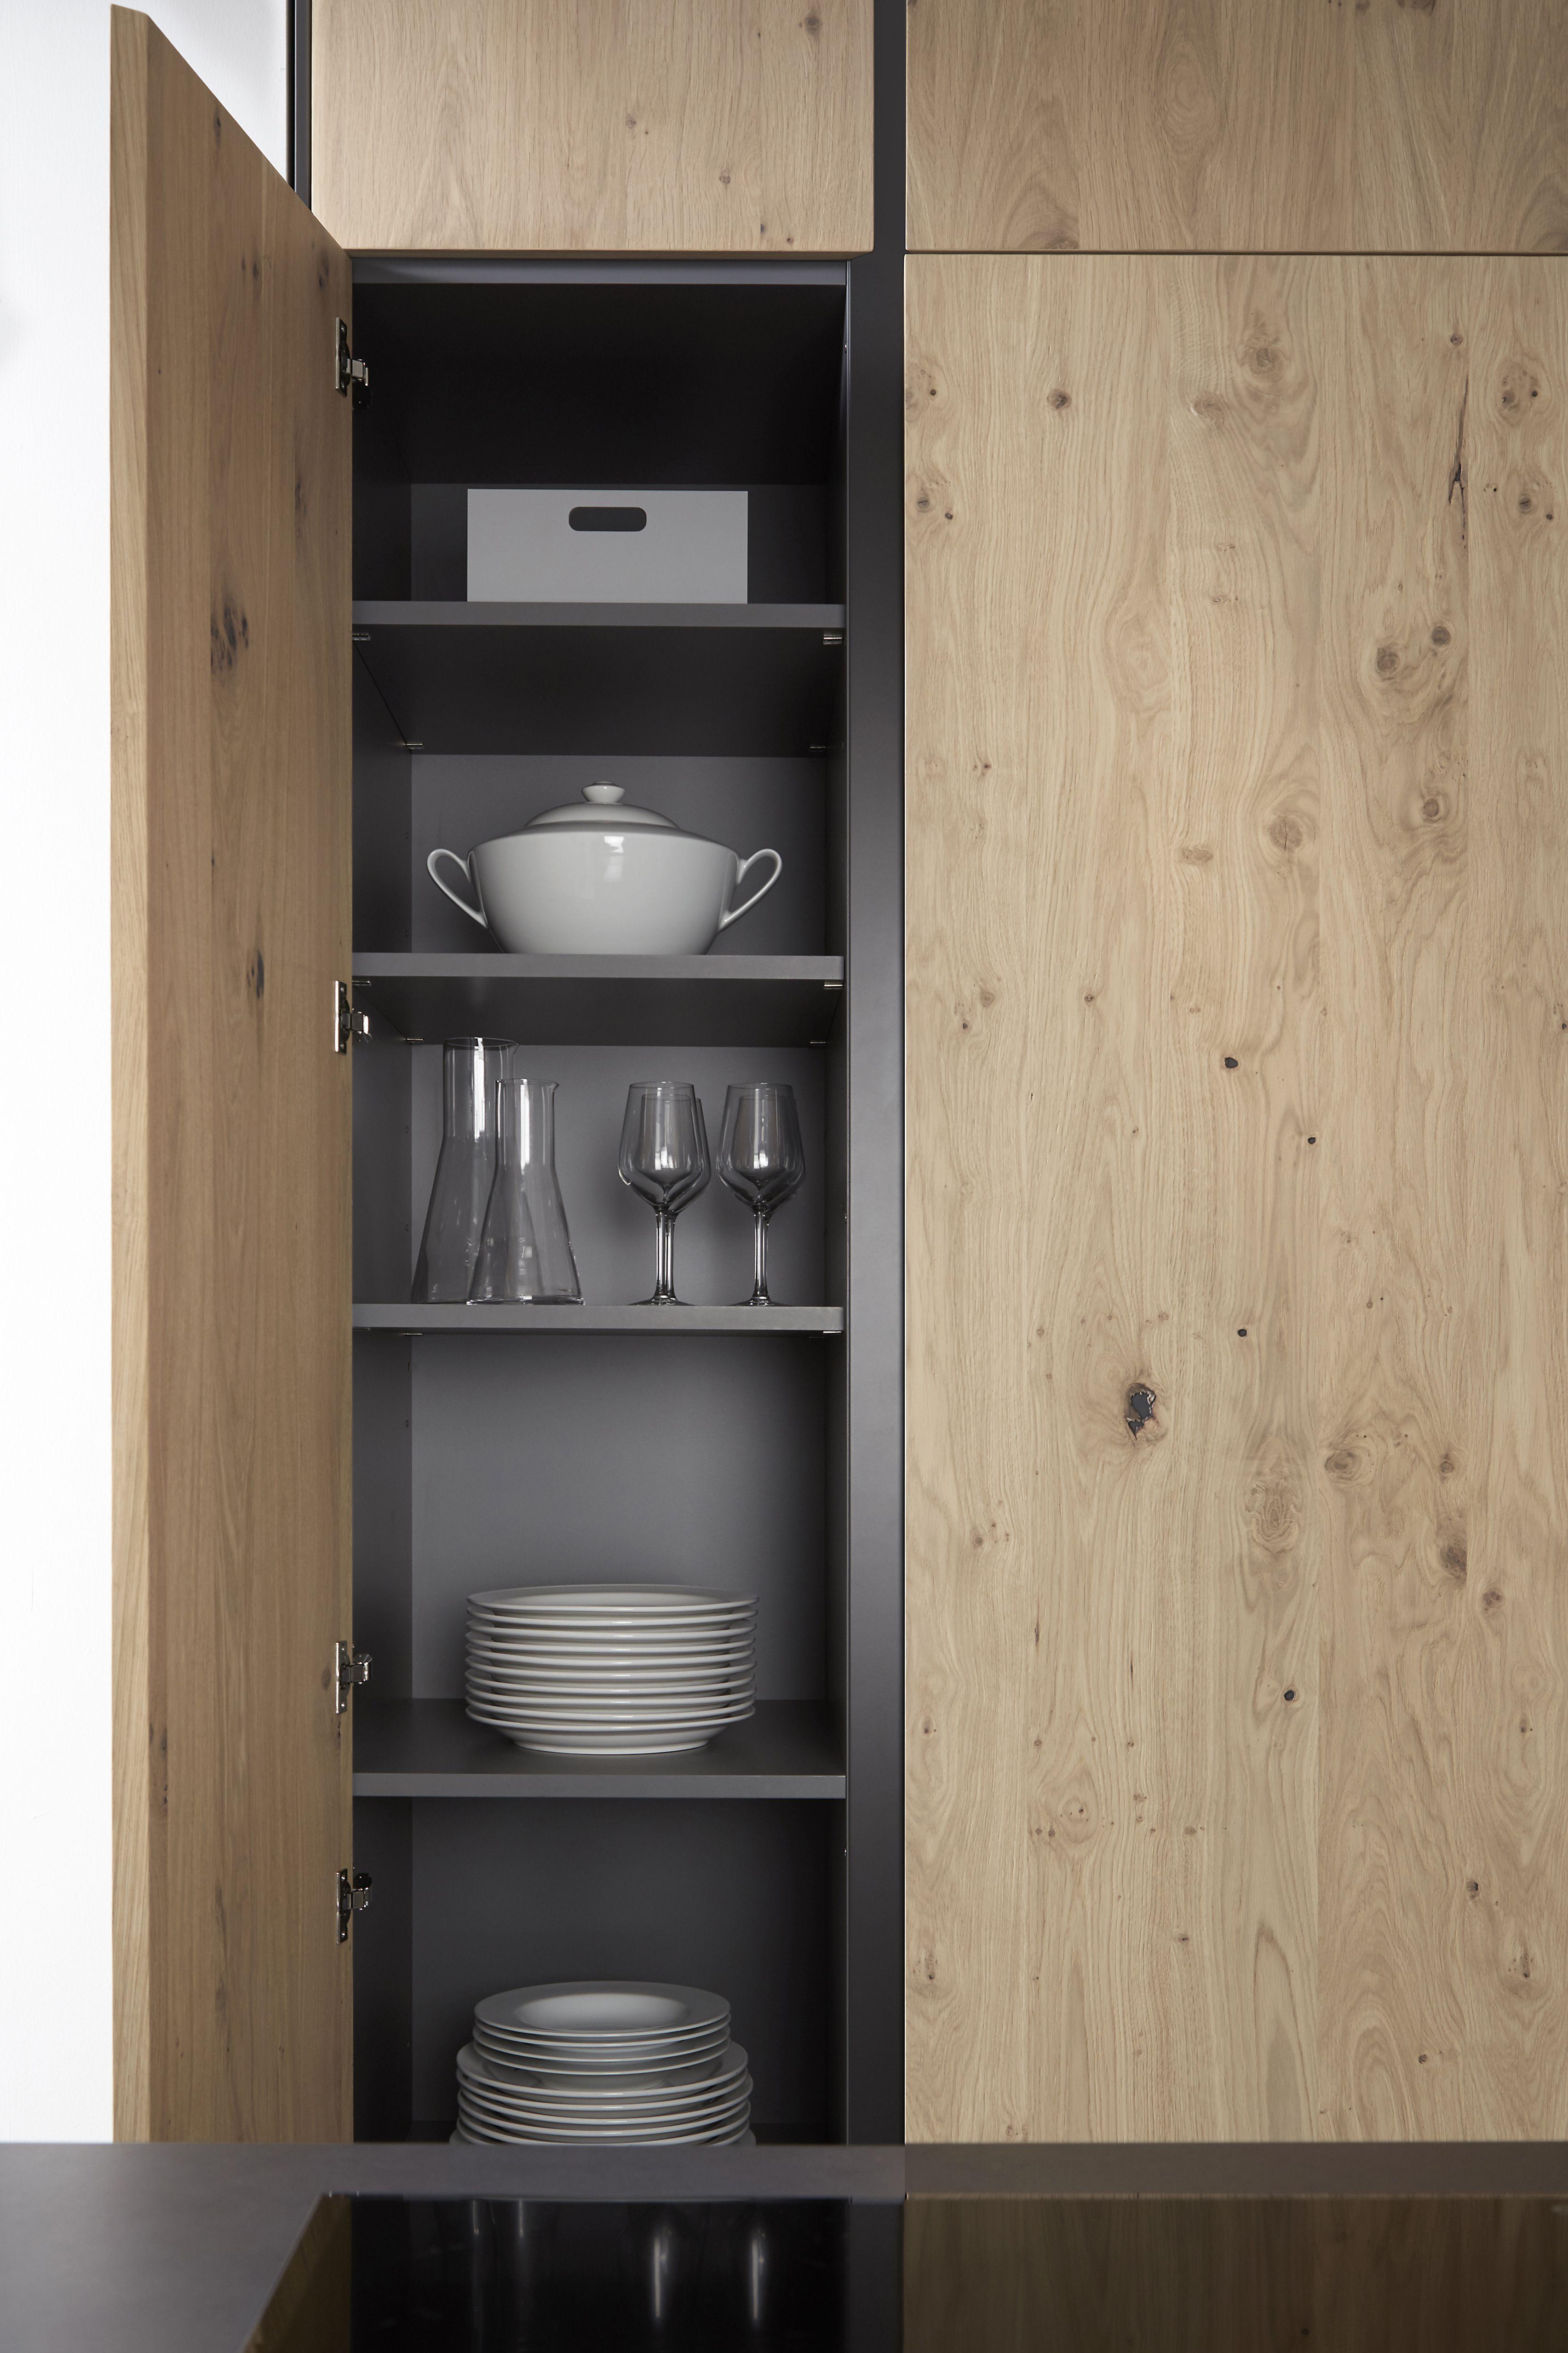 Mueble despensa en roble natural con nudos un armario donde guardar toda la vajilla la serie45 - Mueble despensa cocina ...